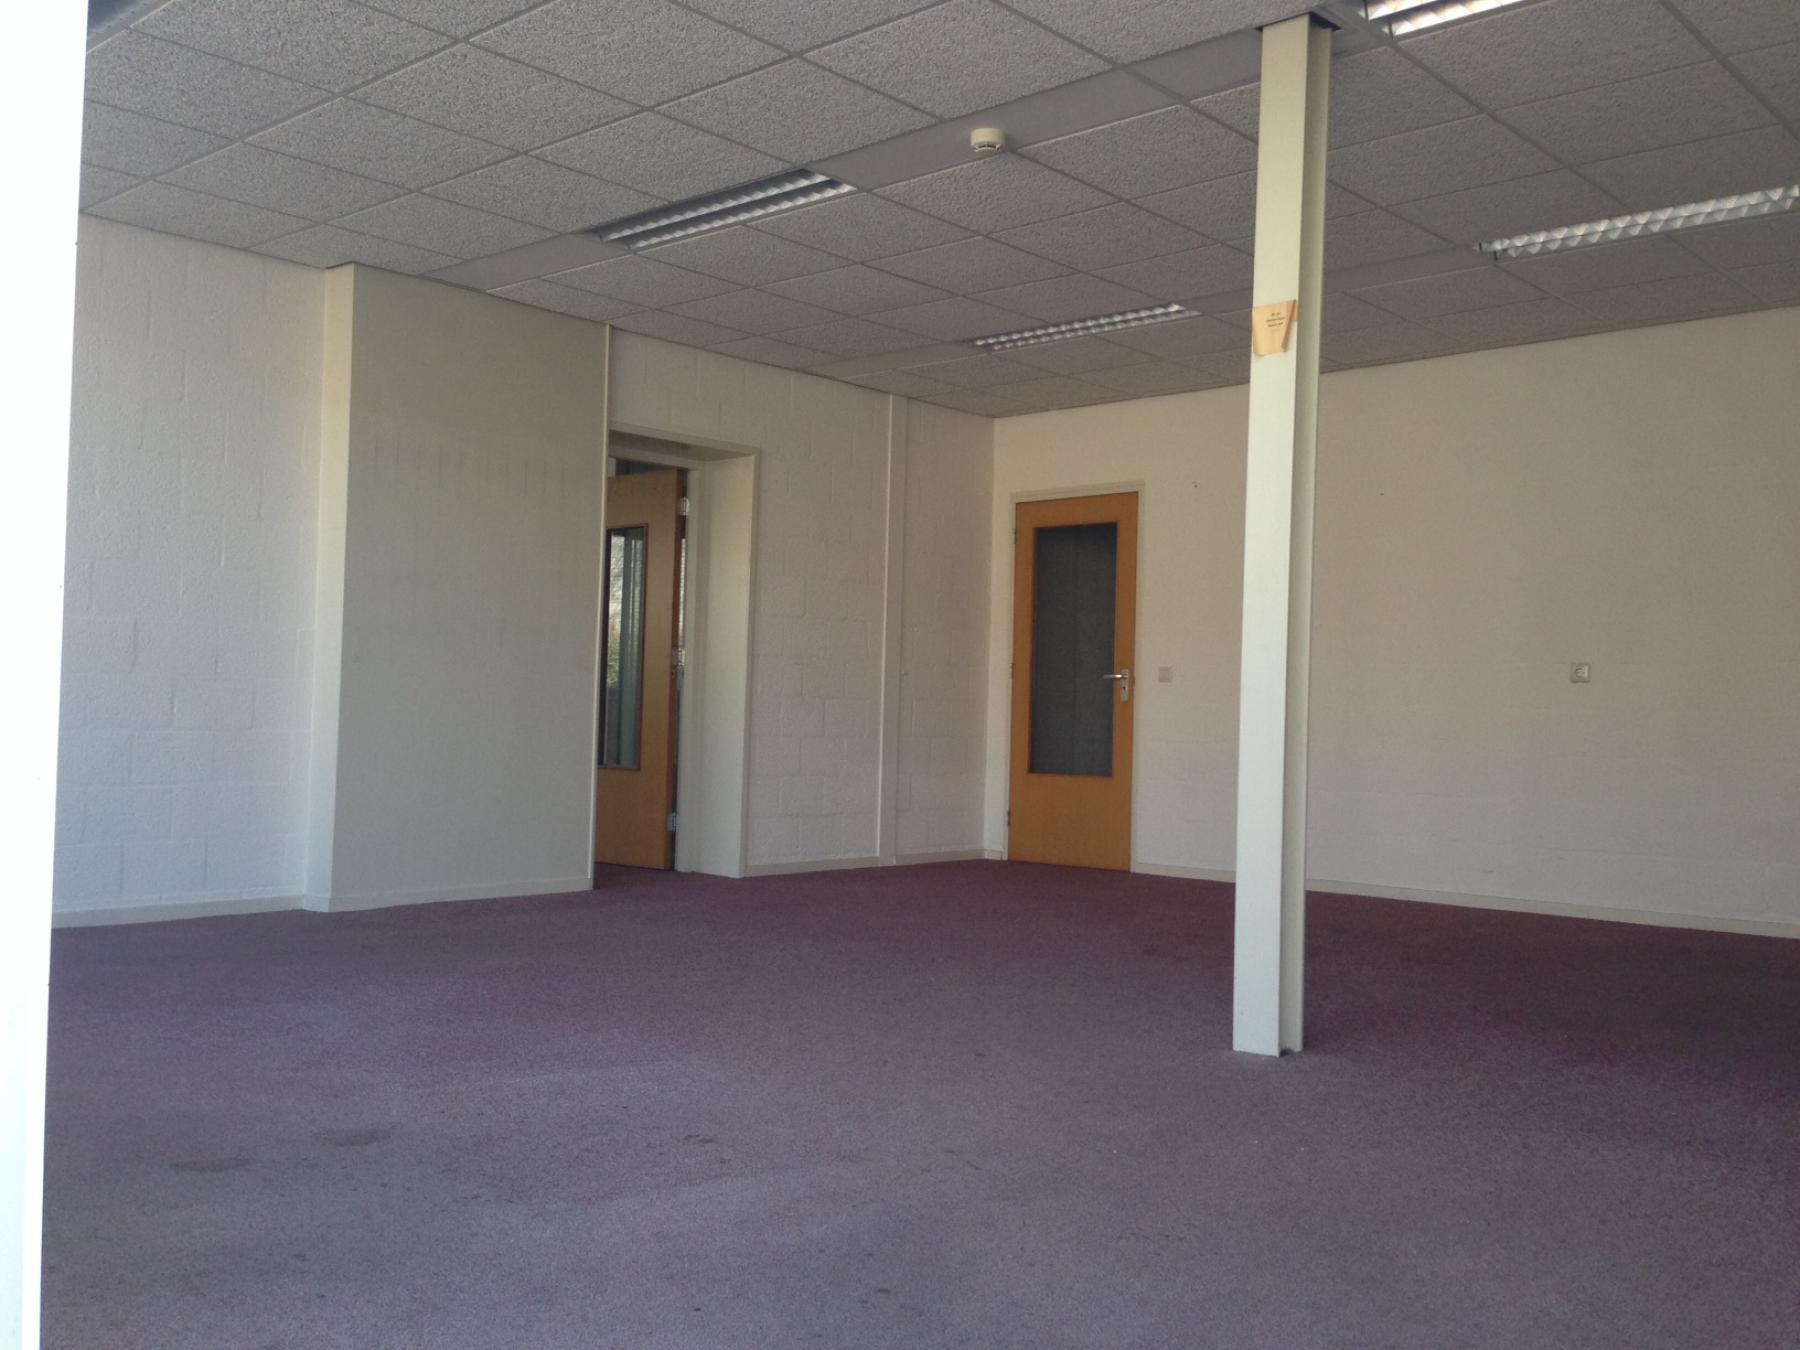 kantoorruimte vloerbedekking deur paal witte muren deuropening kantoorruimte huren de nieuwe erven cuijk